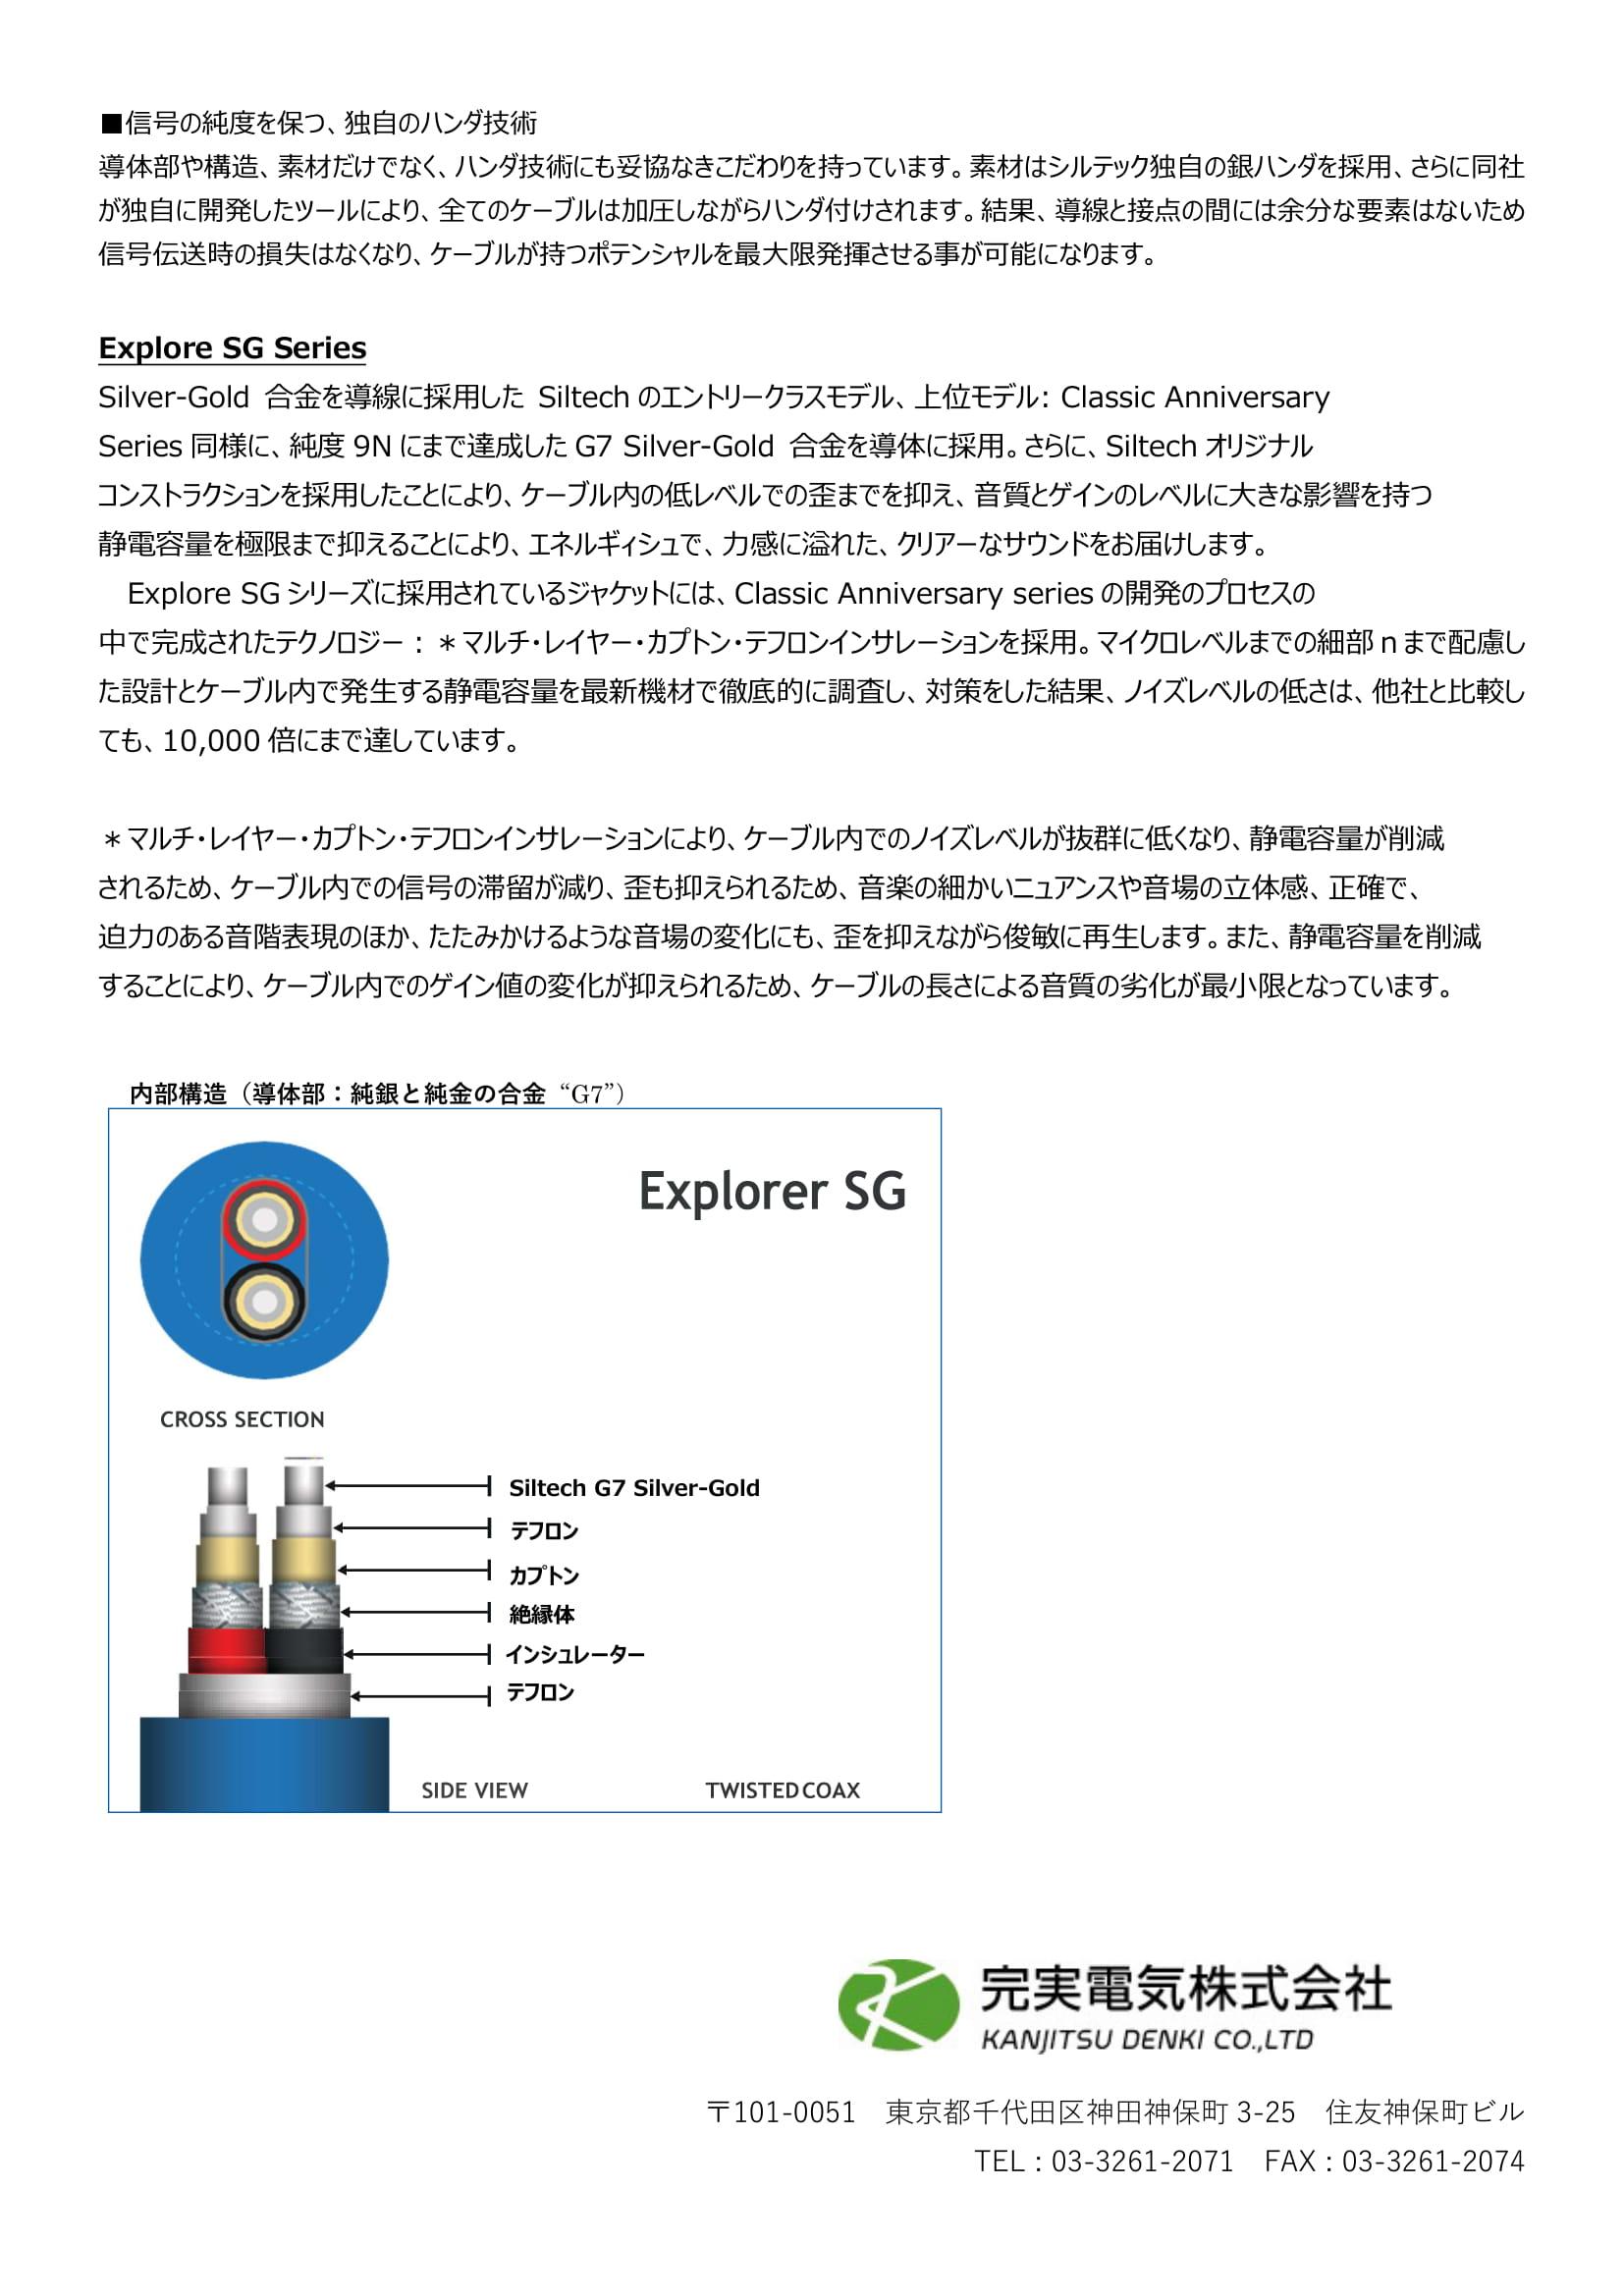 【Siltech】Explore SG_01192021-3